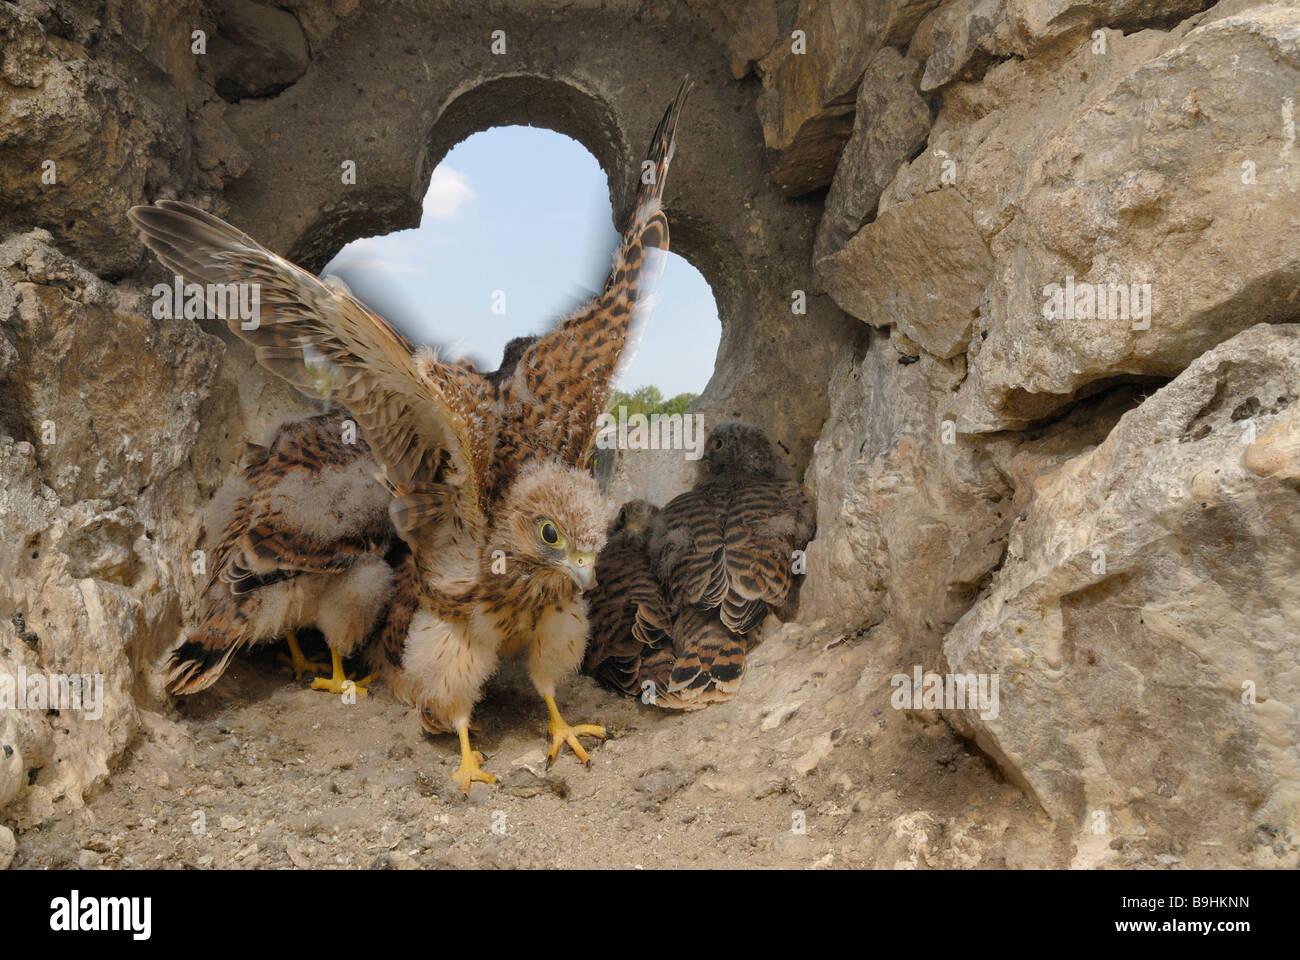 Comune Fledgeing il gheppio (Falco tinnunculus) nel nido, accarezzare di ali è praticato, allenamento muscolare Immagini Stock